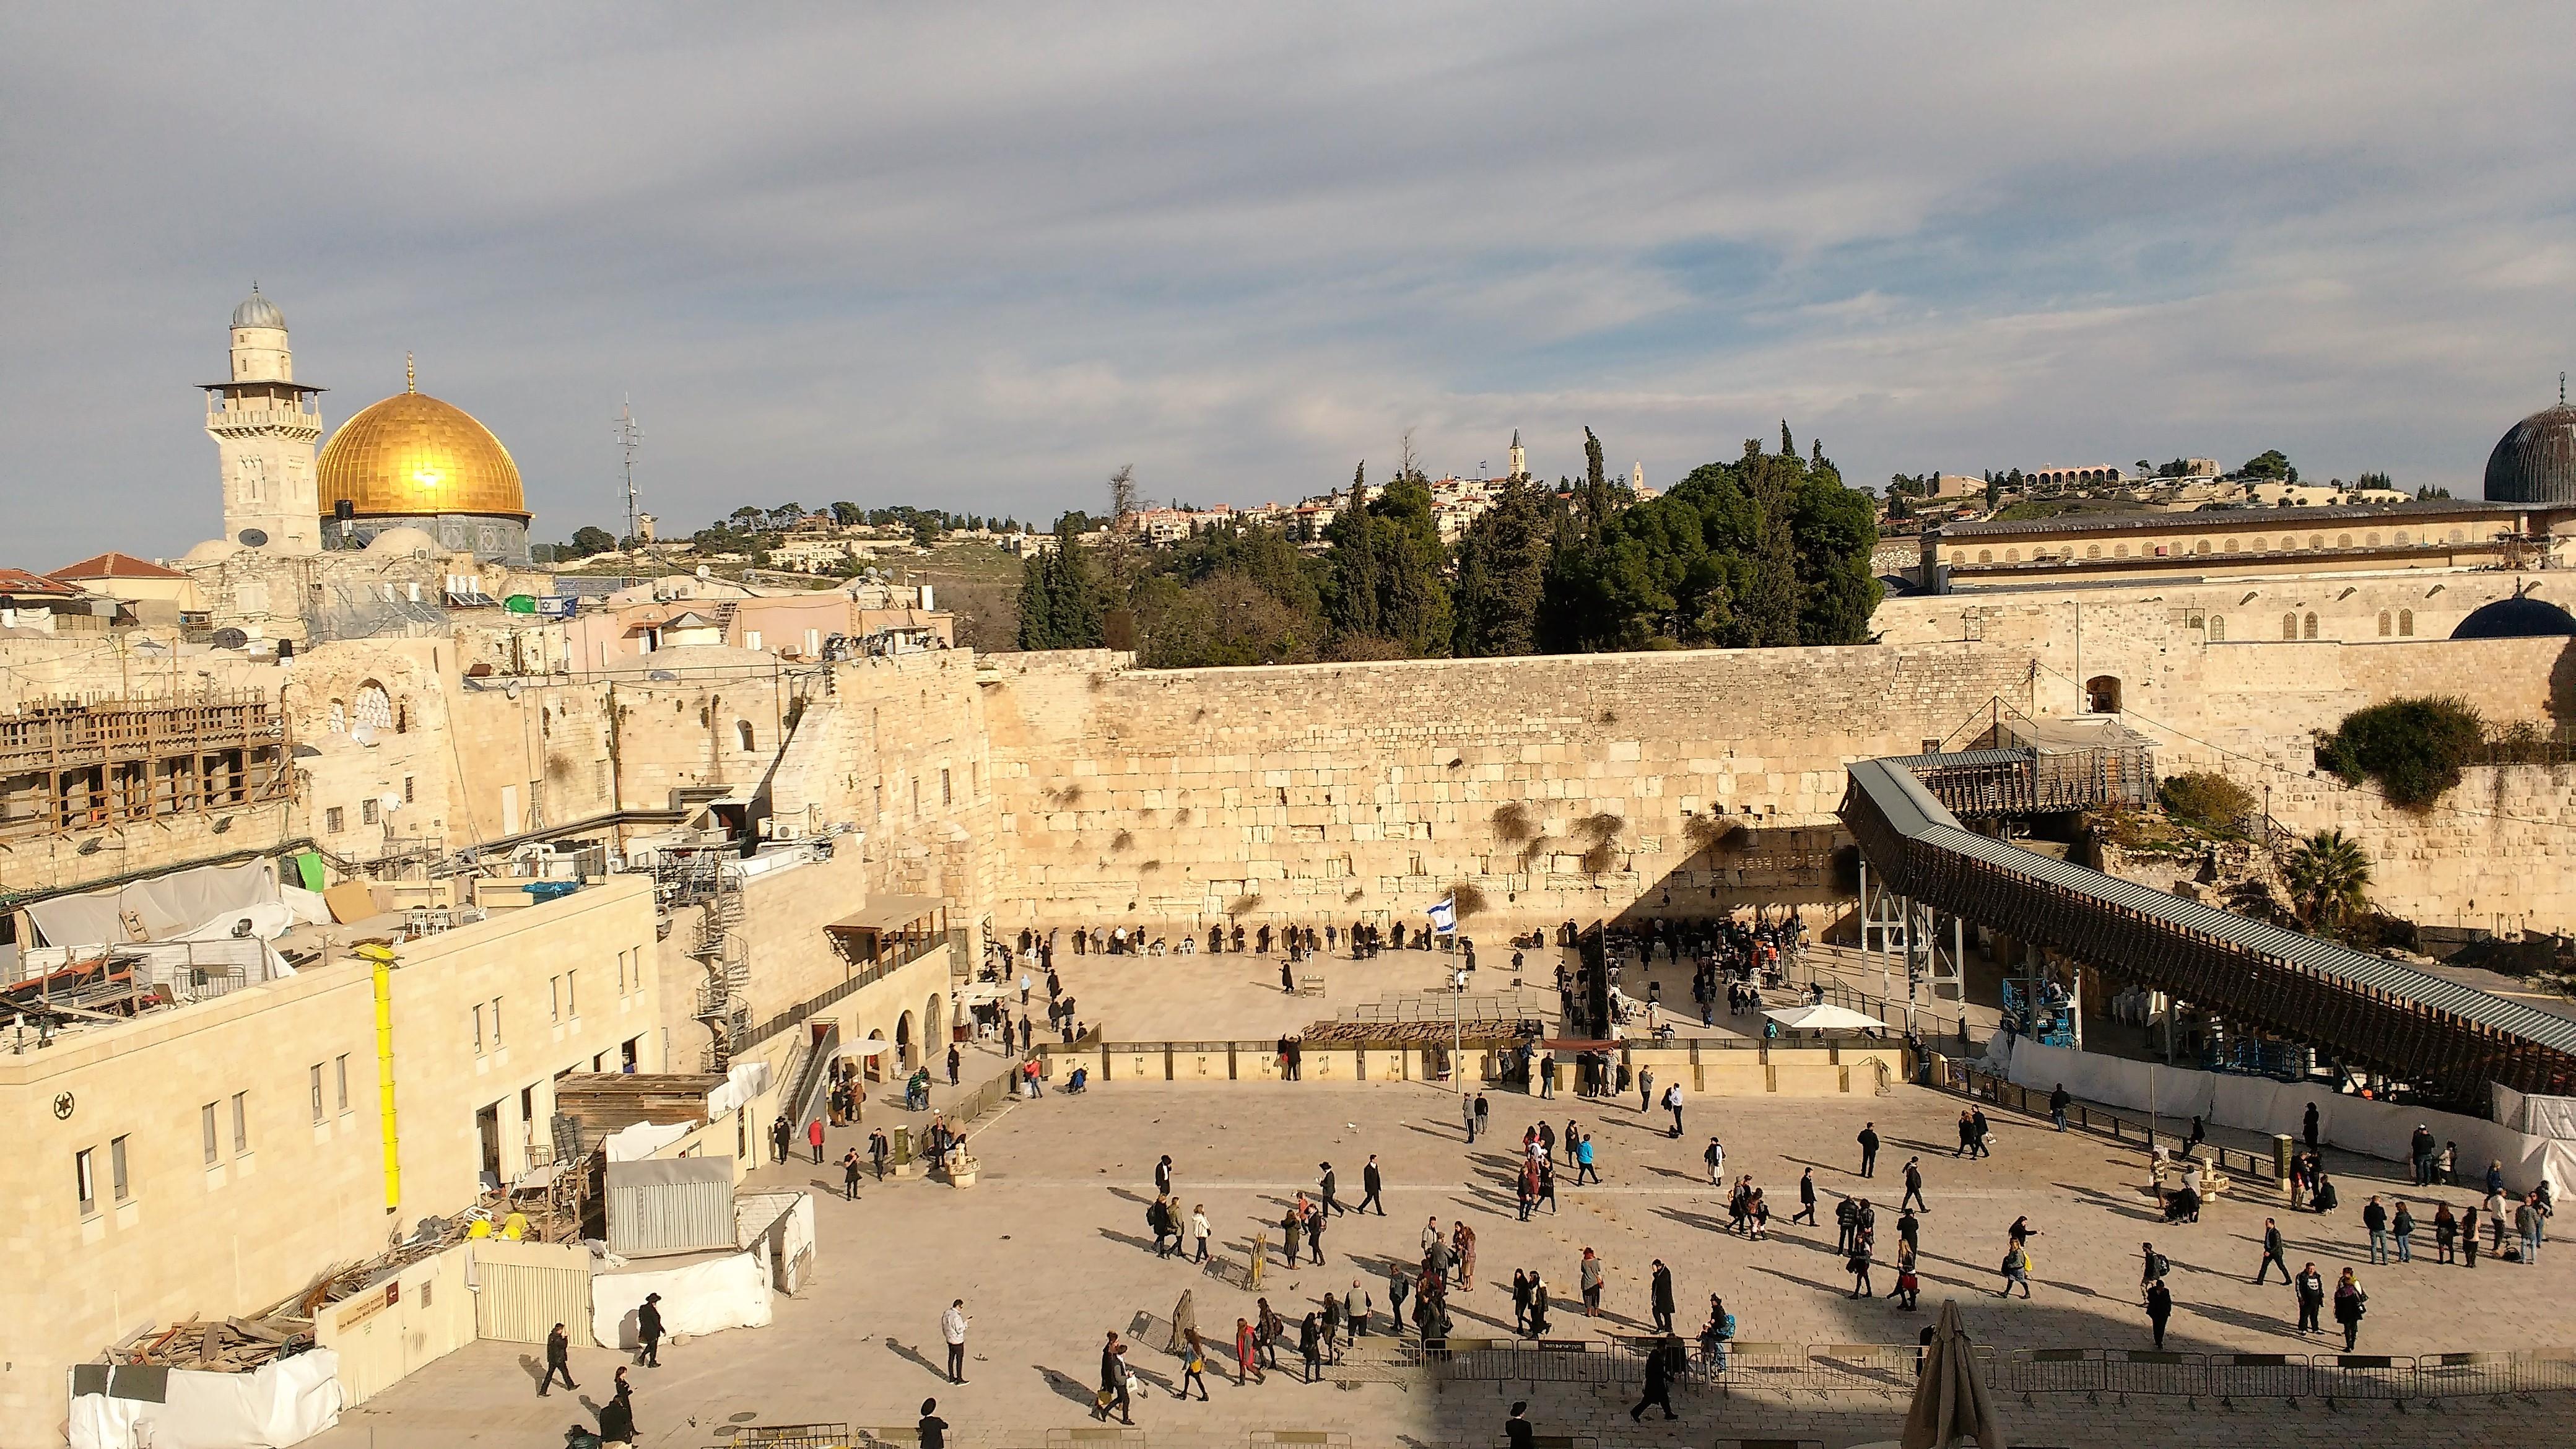 El muro de las lamentaciones en Jerusalén. Atrás se mira la mesquita al-Aqsa.